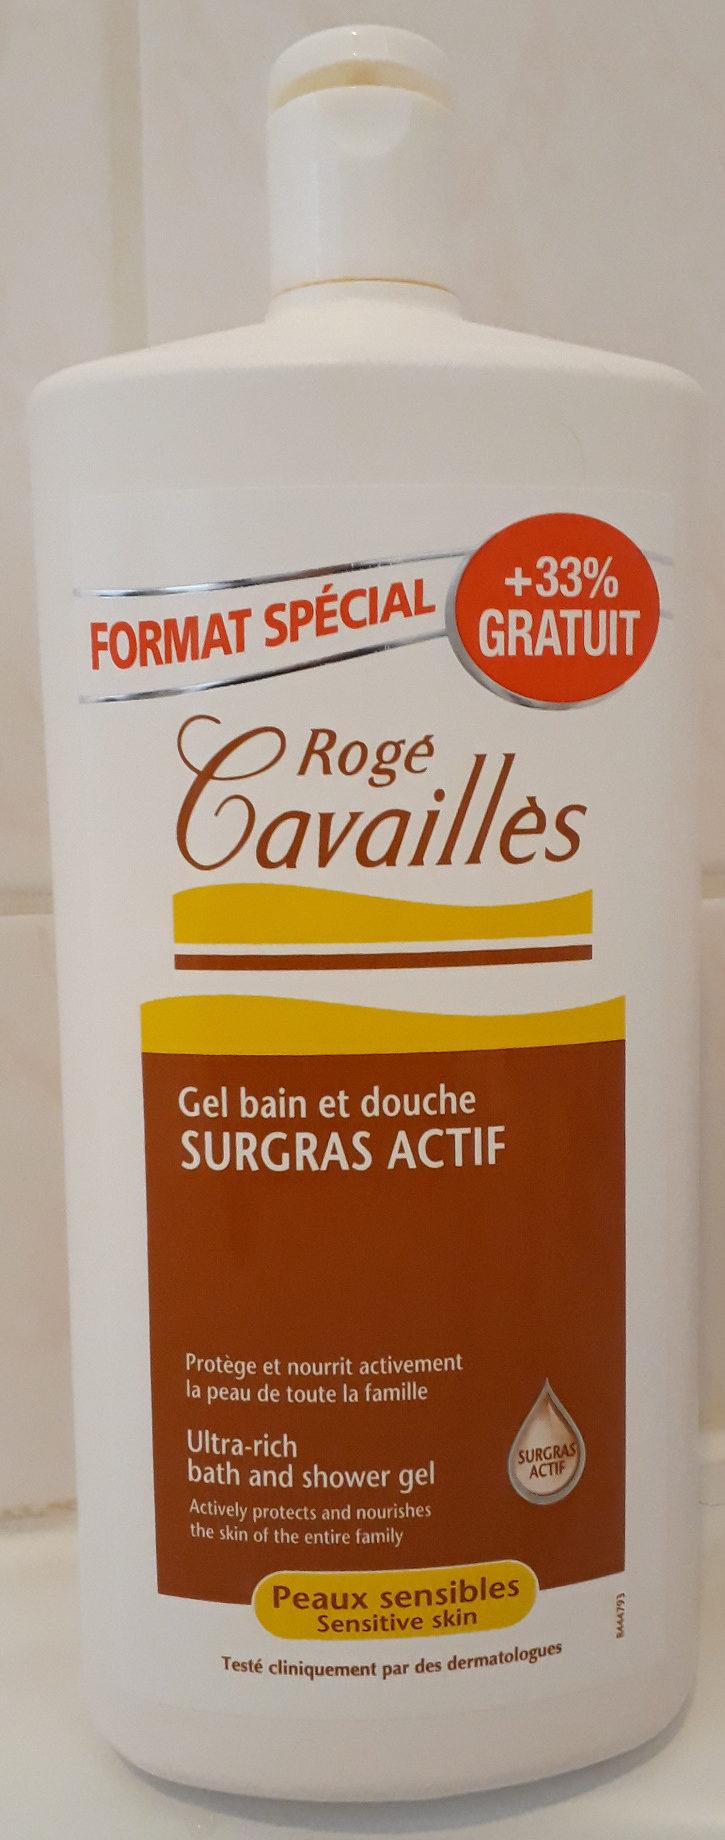 Gel bain et douche surgras actif - Product - fr